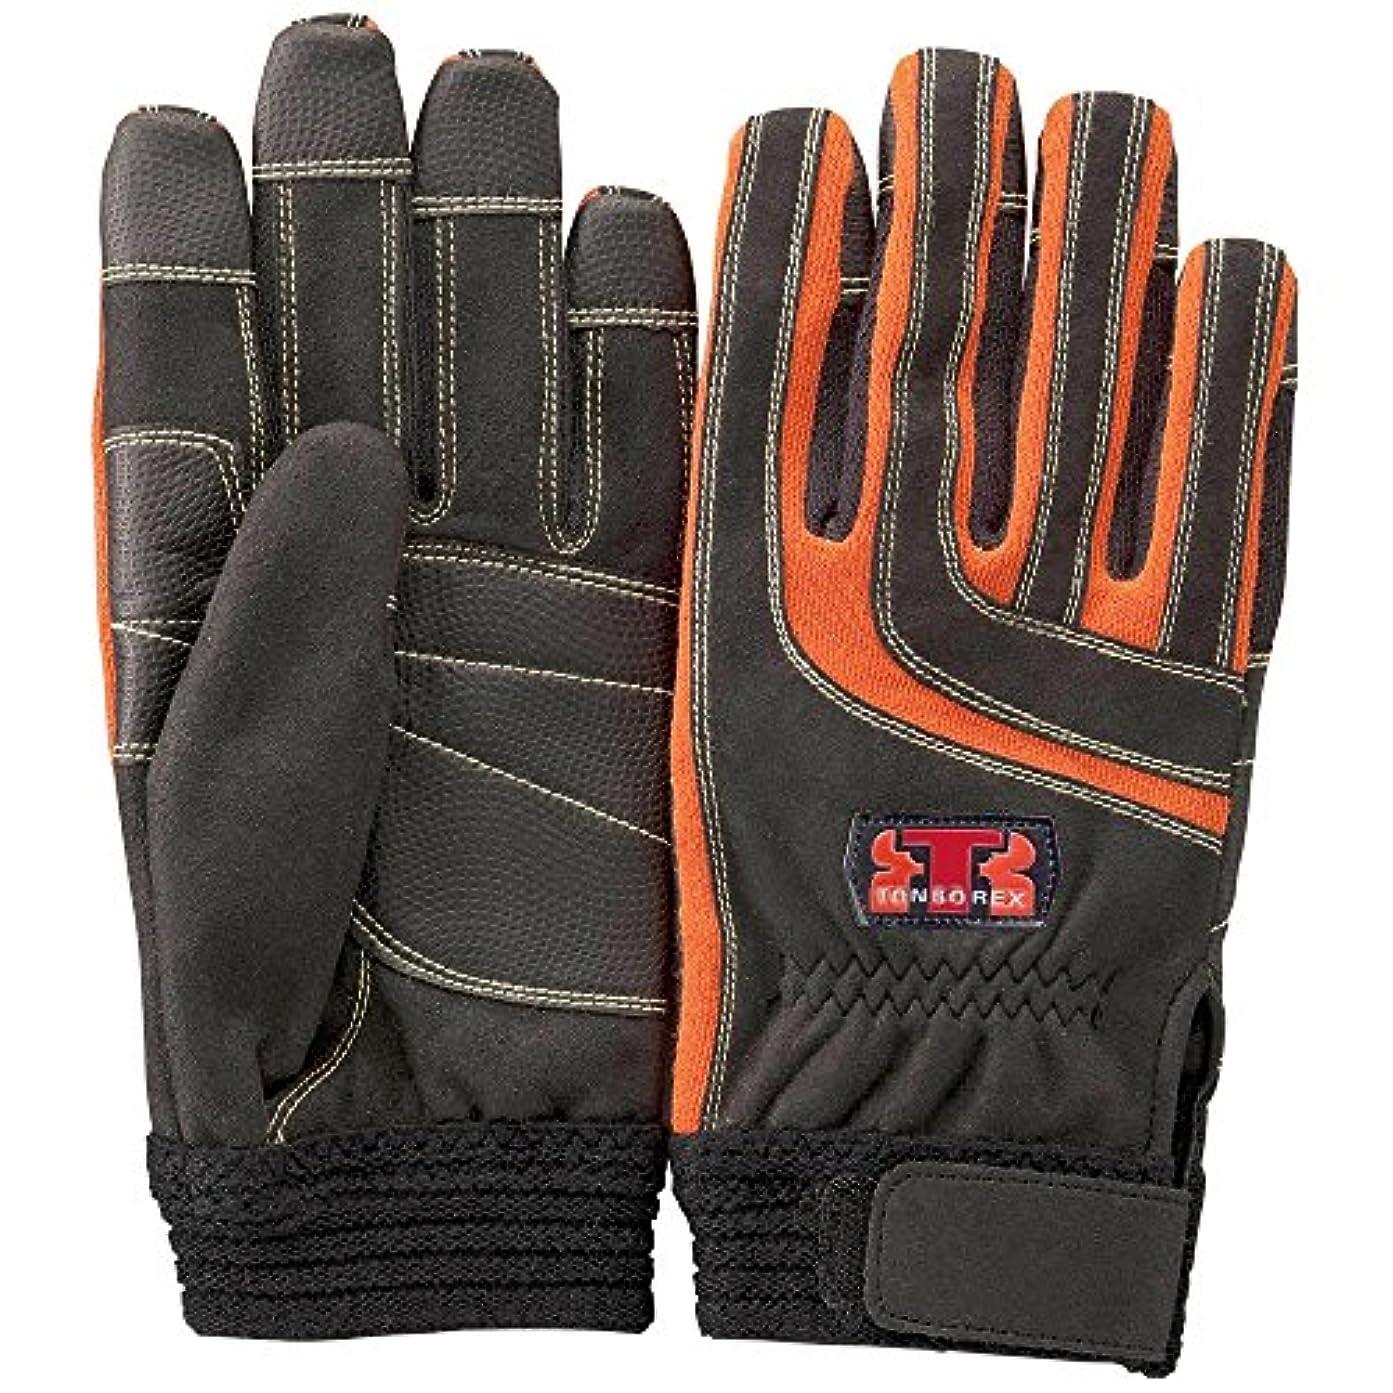 ビルダーシステムボートTONBOREX(トンボレックス) レスキューグローブ ケプラー手袋 K-512R ブラック×オレンジ Lサイズ